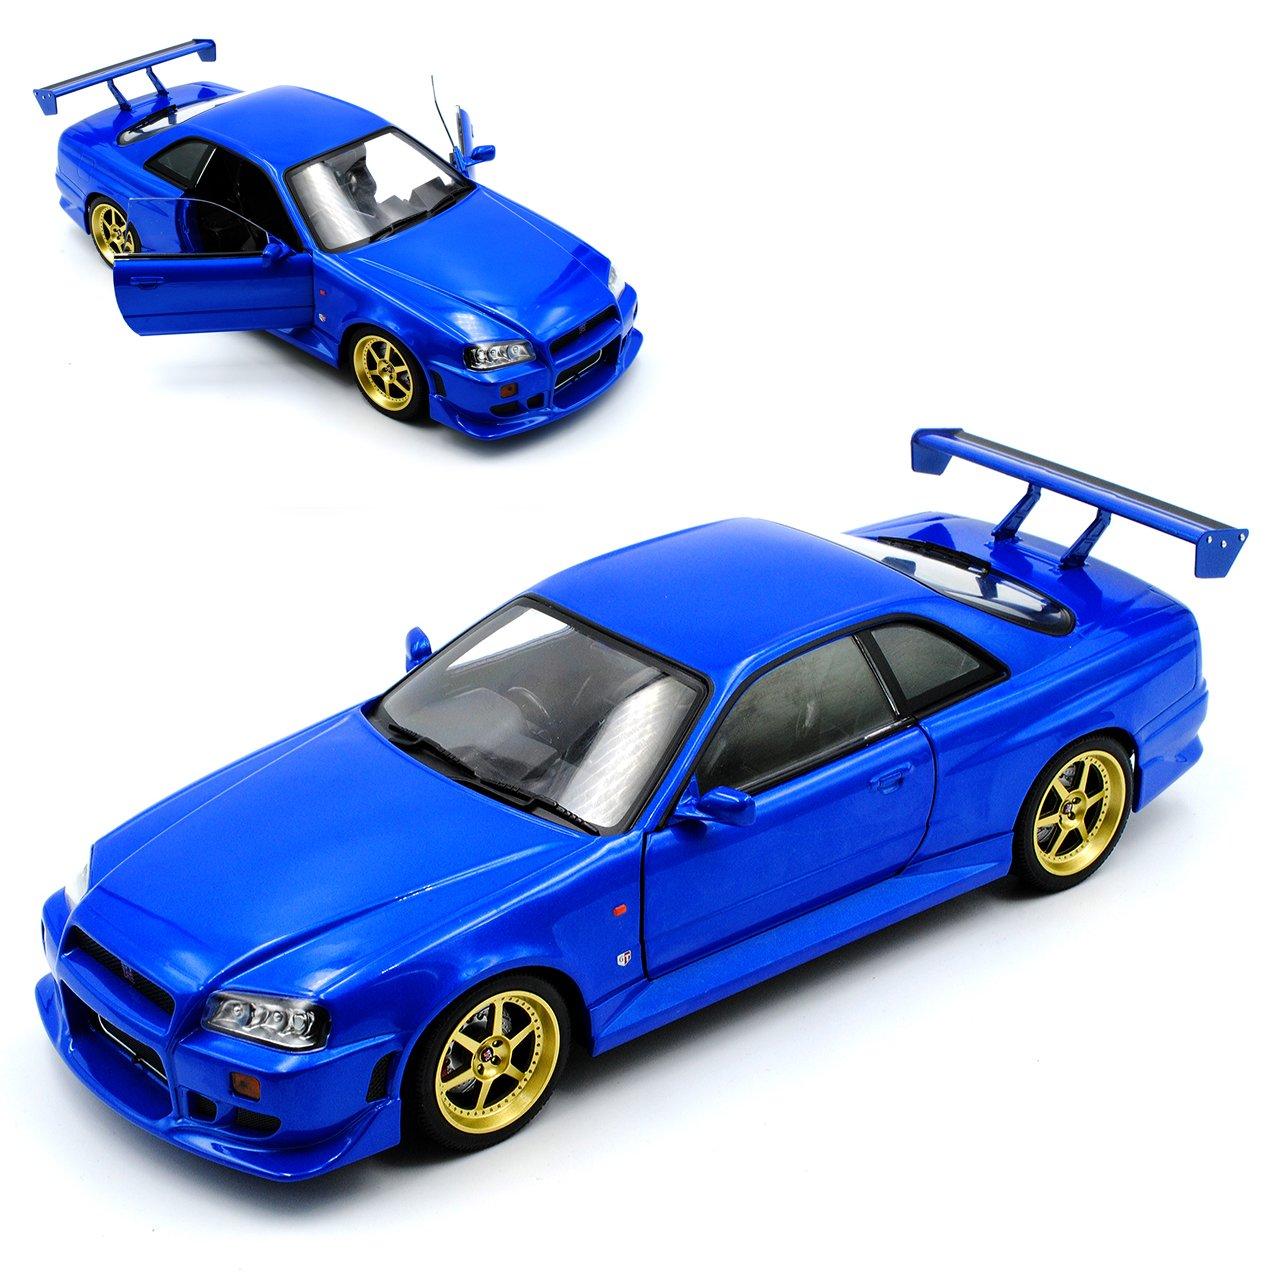 Grünlight Nissan Skyline R34 GT-R Blau 1998-2002 1/18 Modell Auto mit individiuellem Wunschkennzeichen